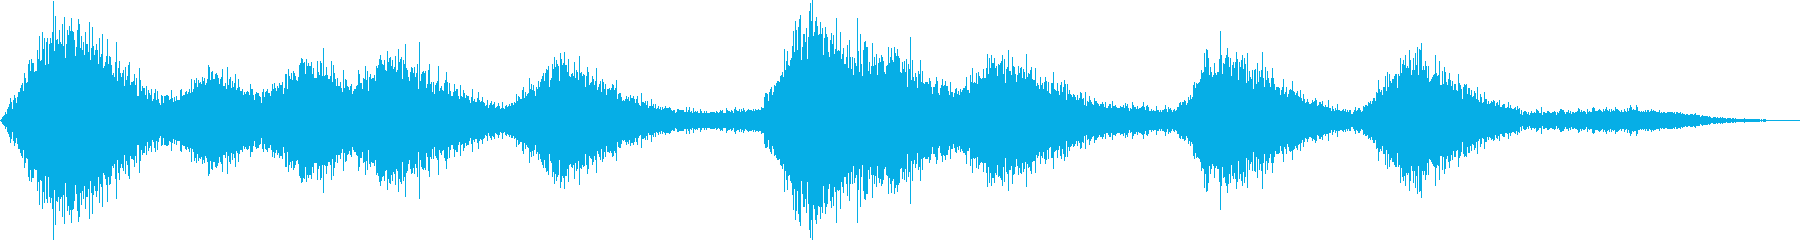 強風の再生済みの波形